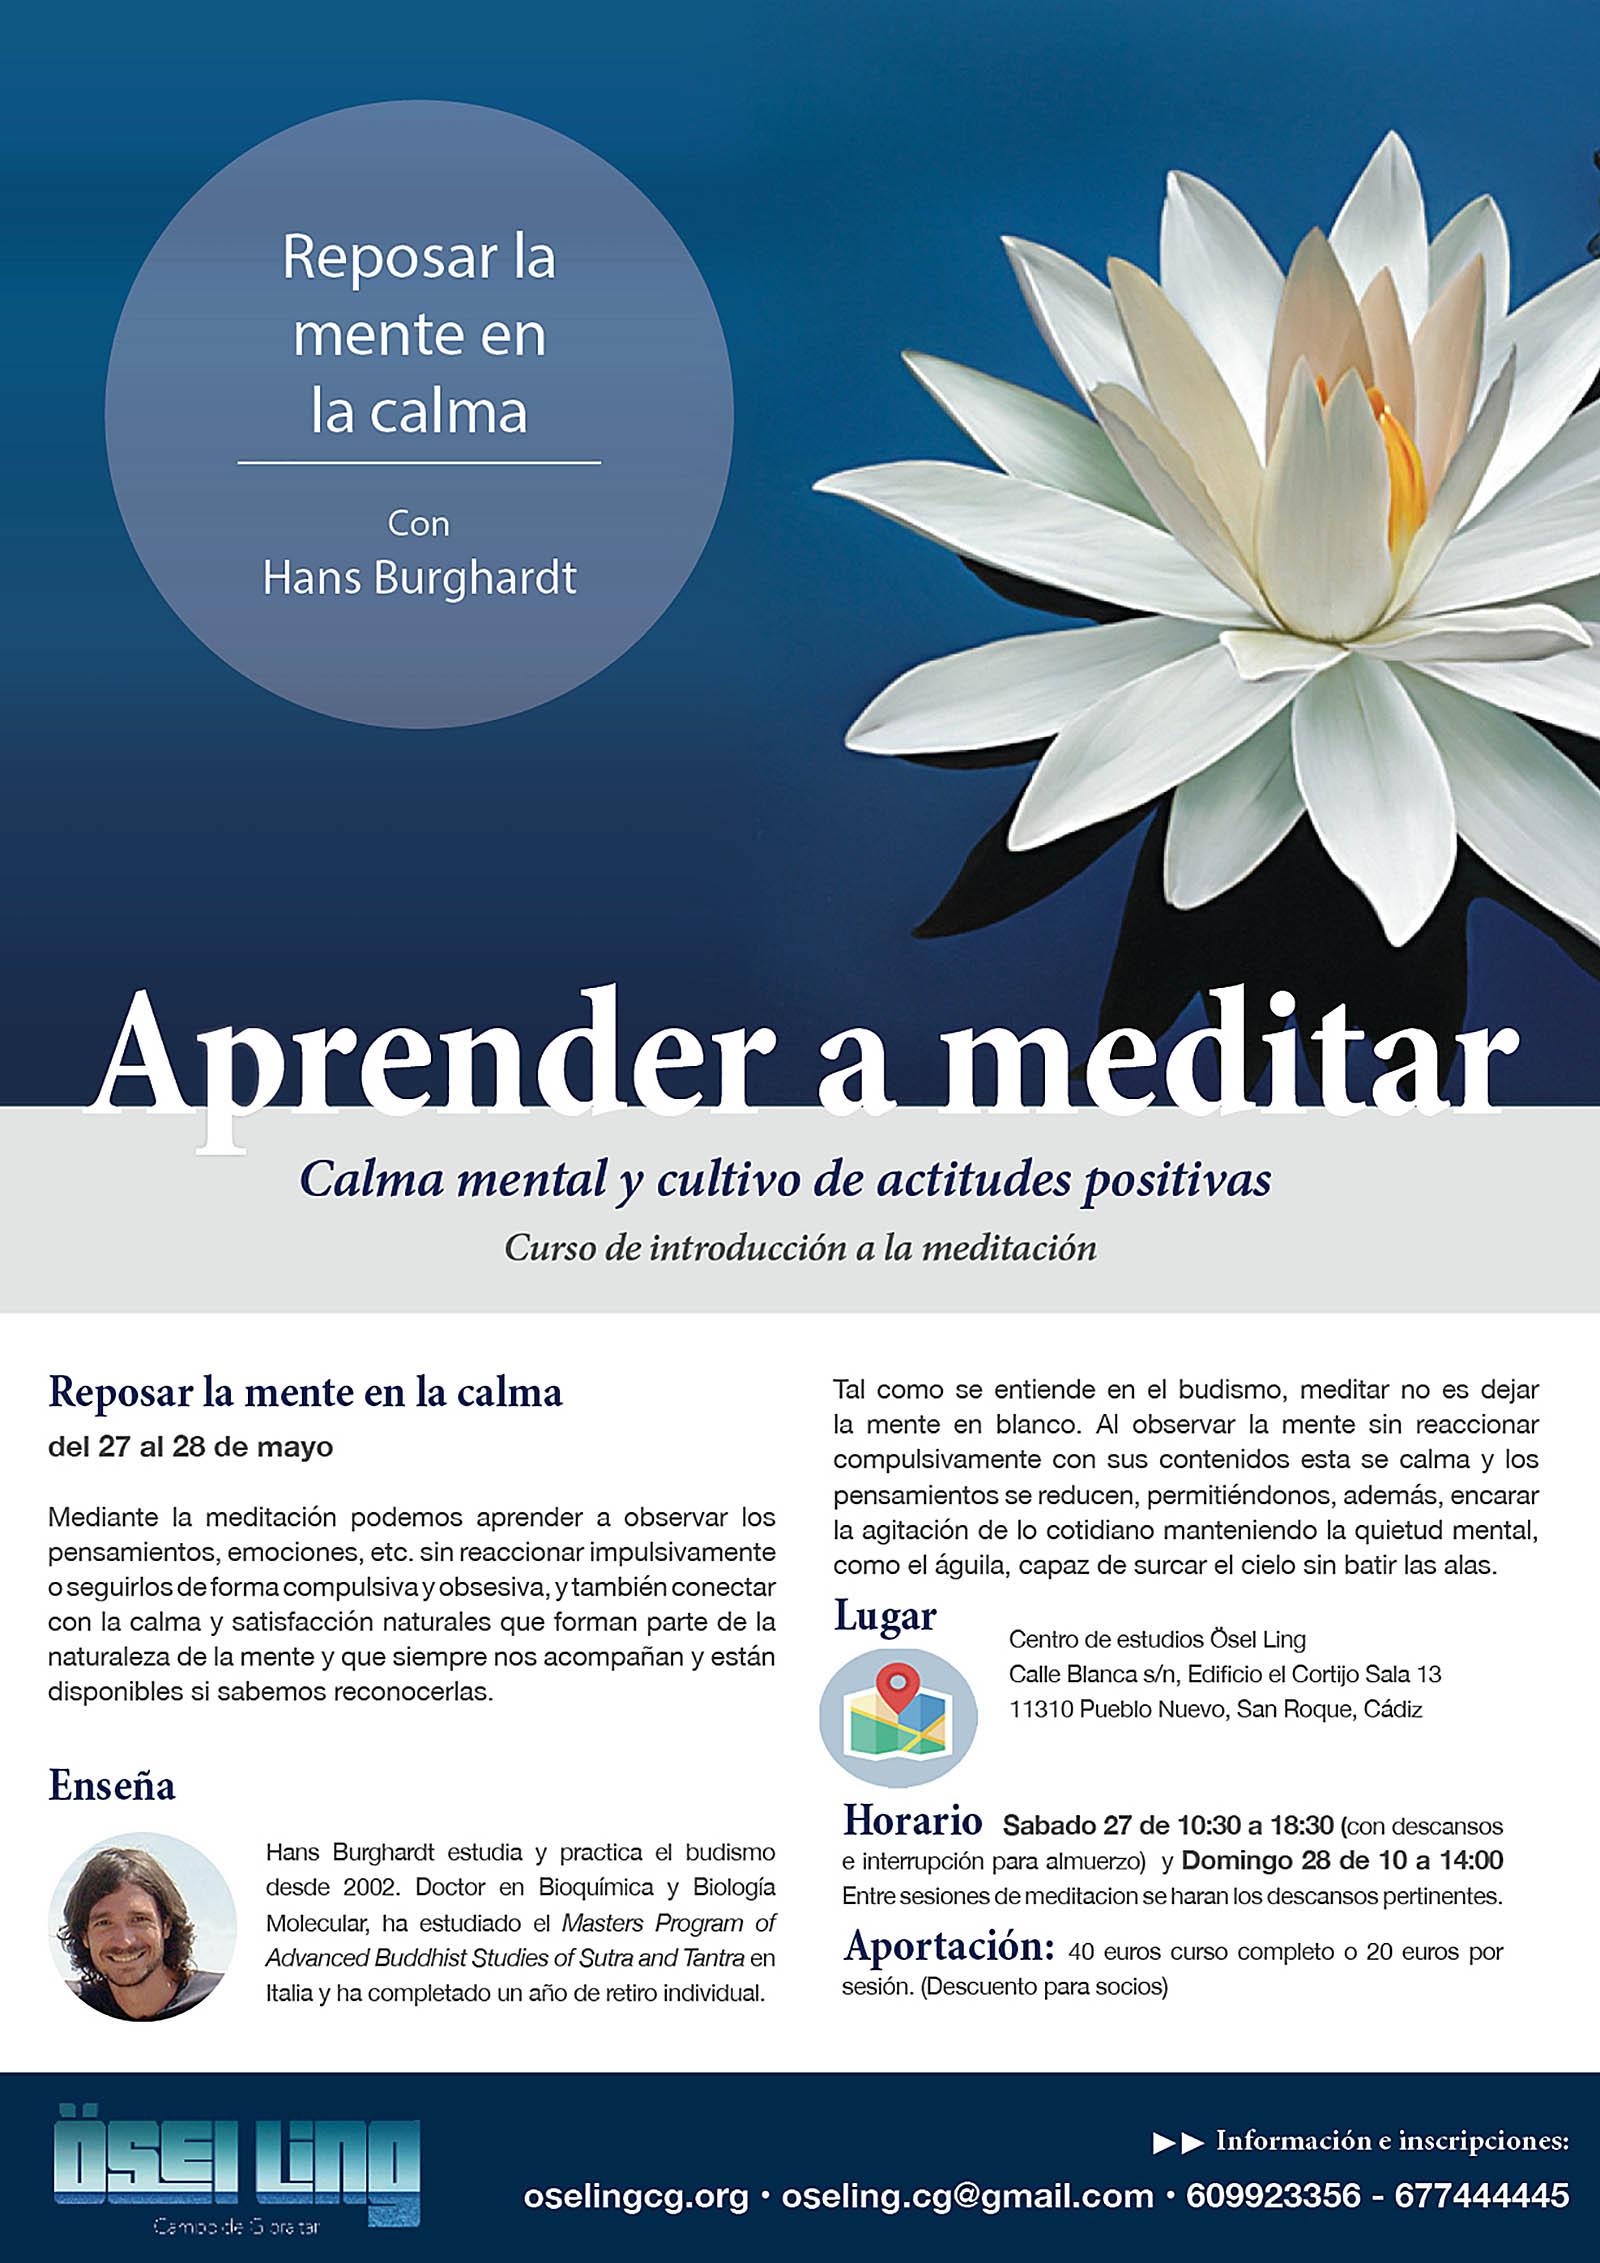 aprendre a meditar_con_Hans_Burgardt+